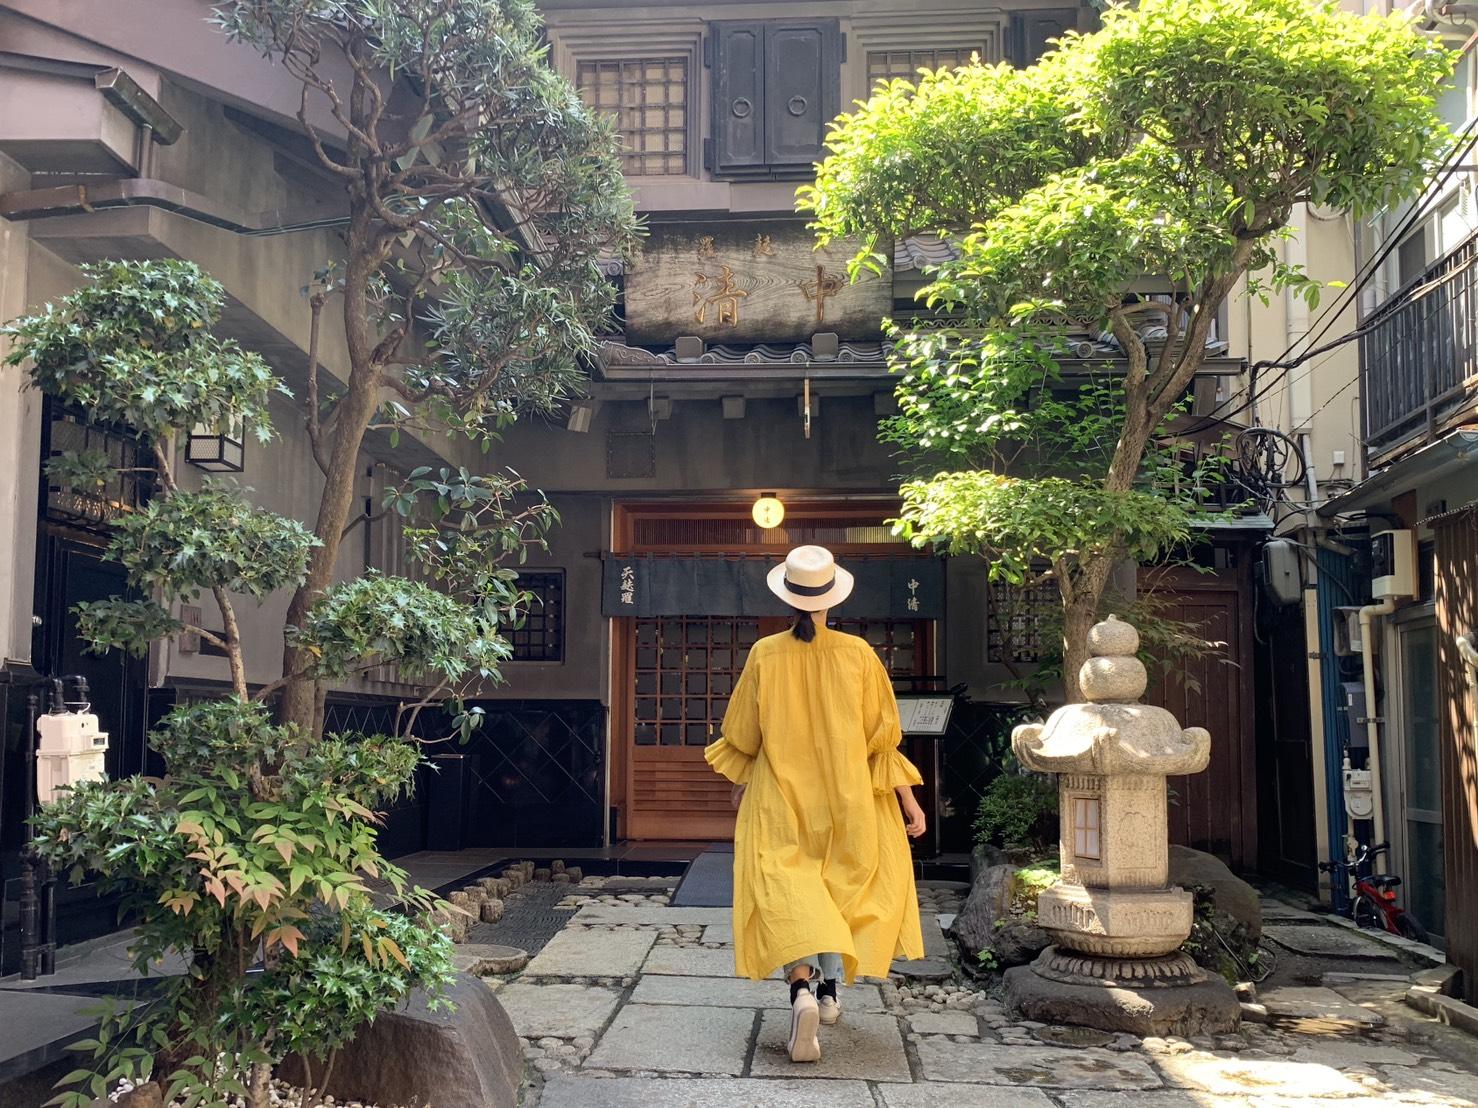 淺草中清是淺草區的天婦羅名店,歷史悠久